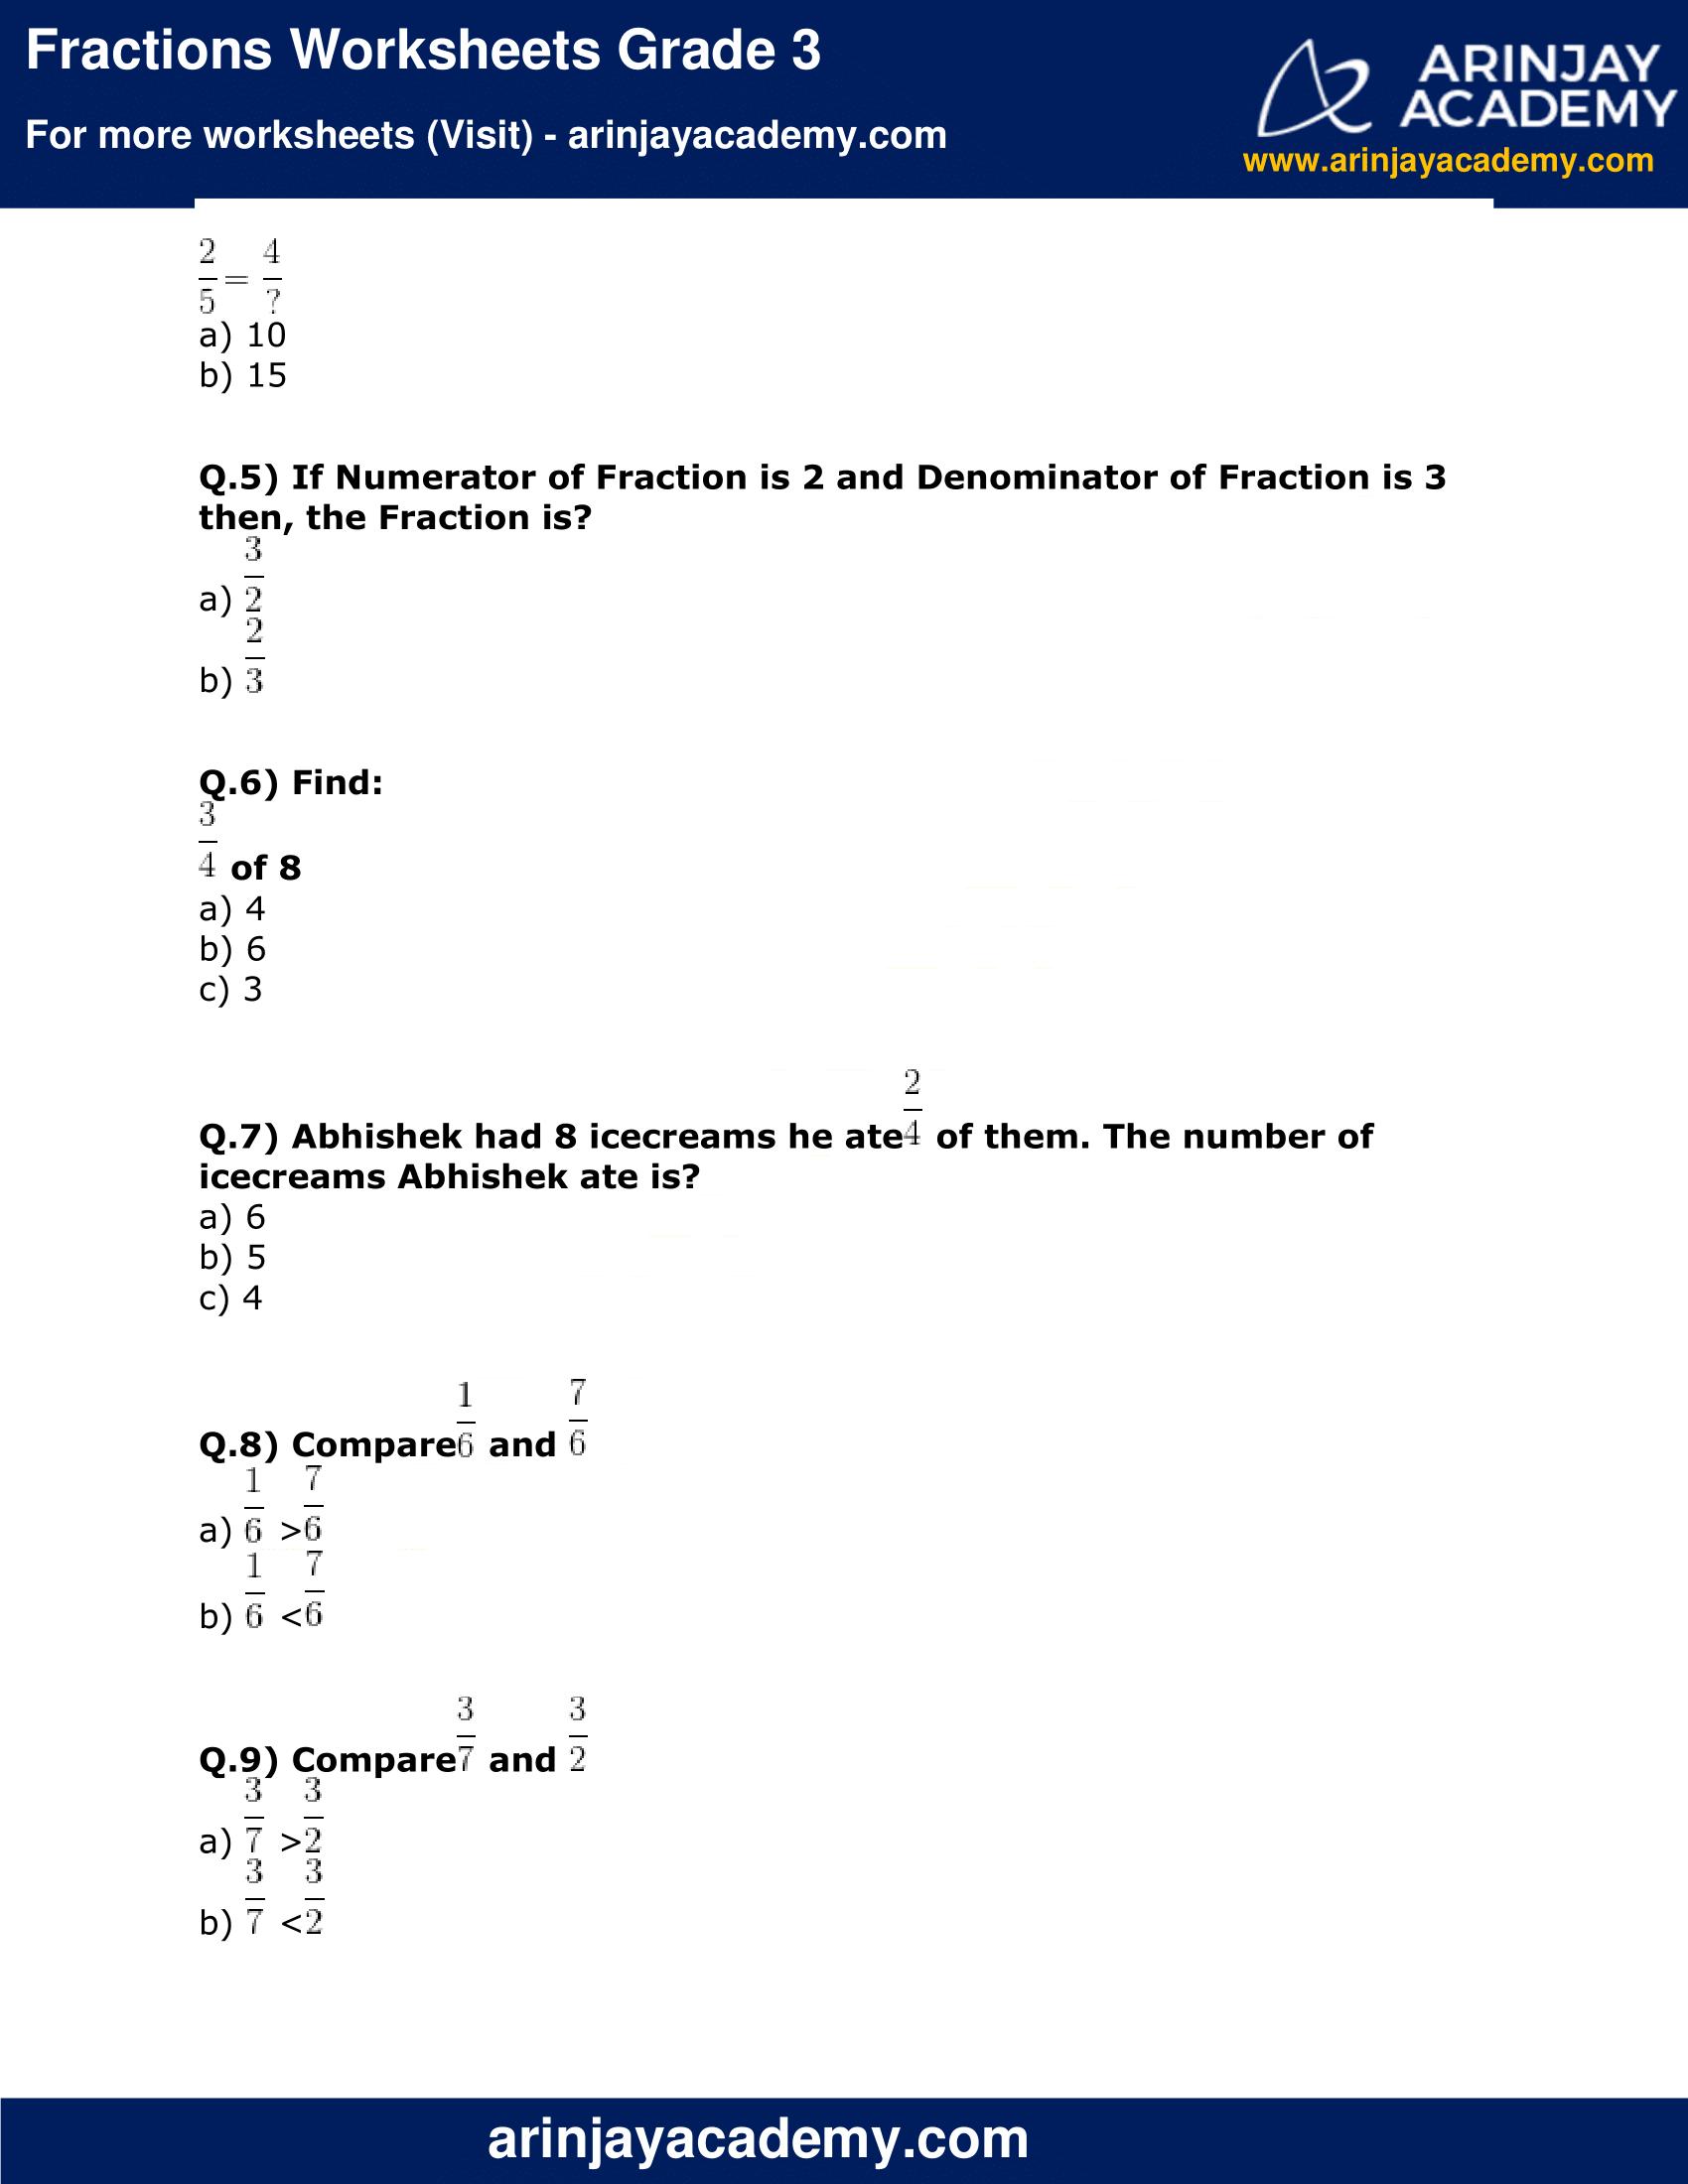 Fractions Worksheets Grade 3 image 2